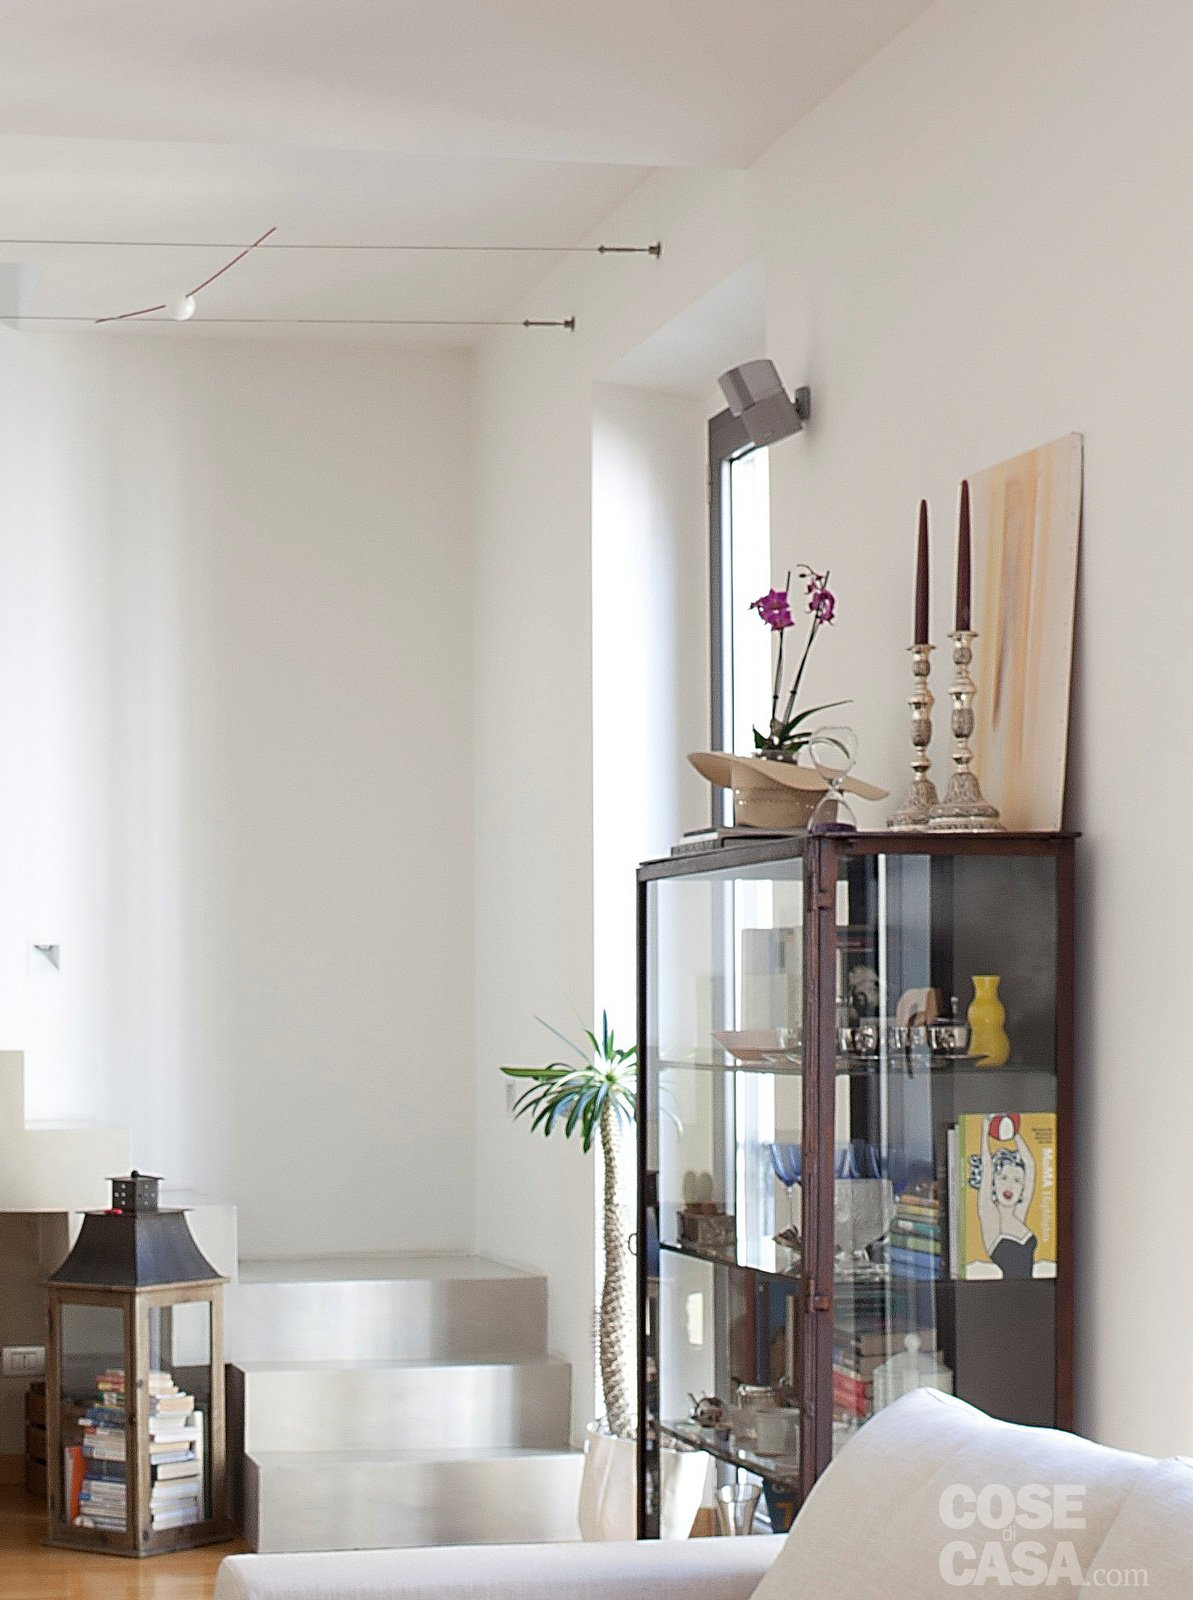 Una casa da copiare 10 idee tra spunti d 39 arredo e decor for Idee interni design